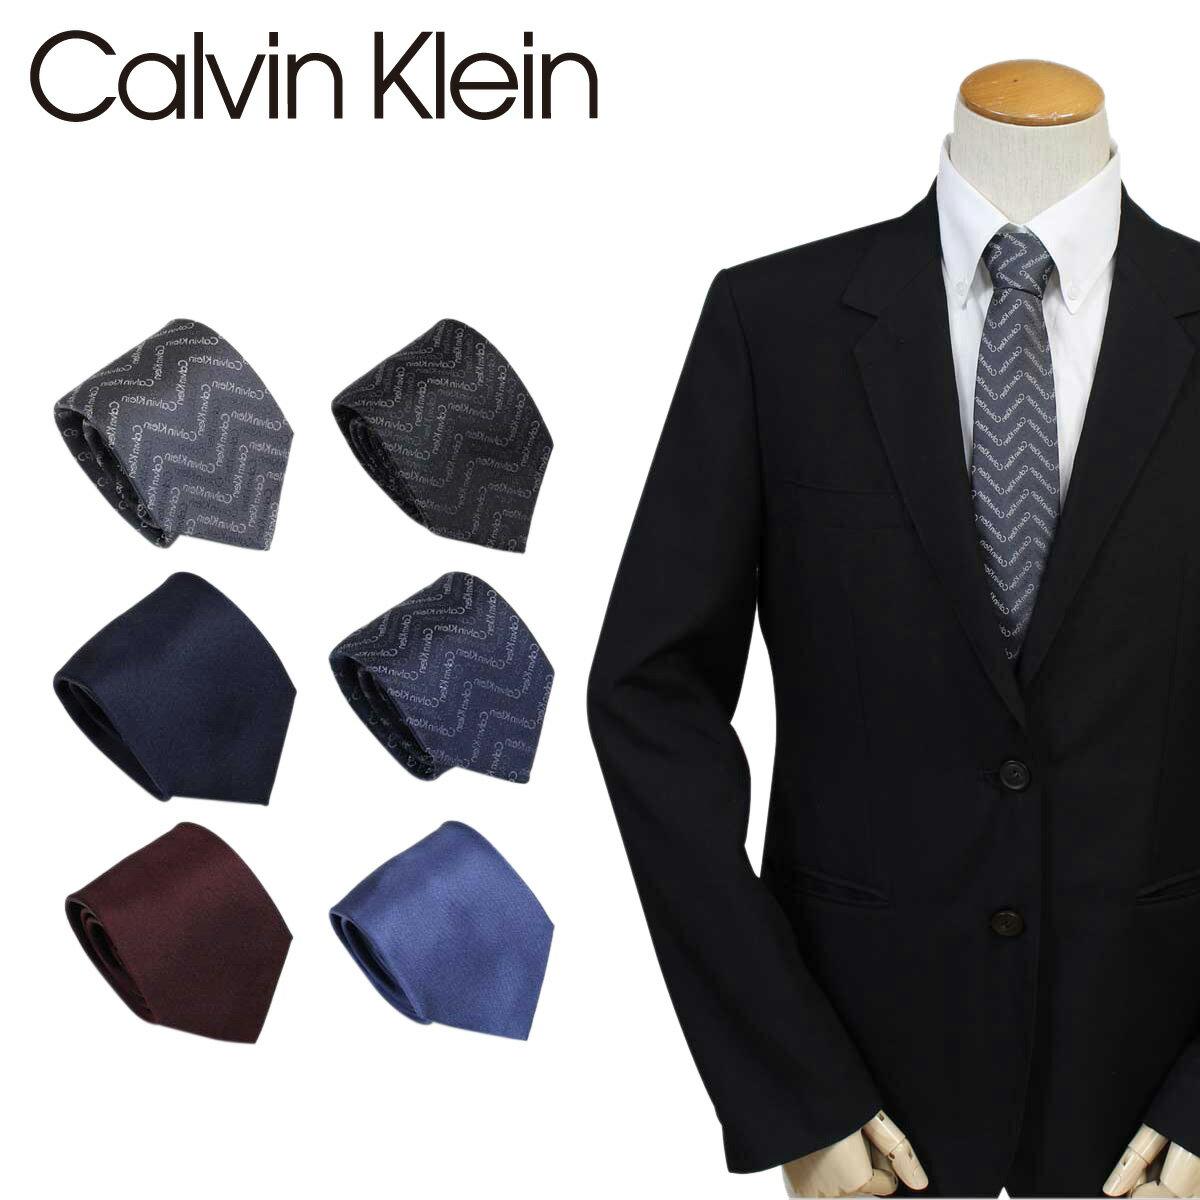 Calvin Klein ネクタイ シルク カルバンクライン メンズ CK ビジネス 結婚式 [3/20 追加入荷] [183]